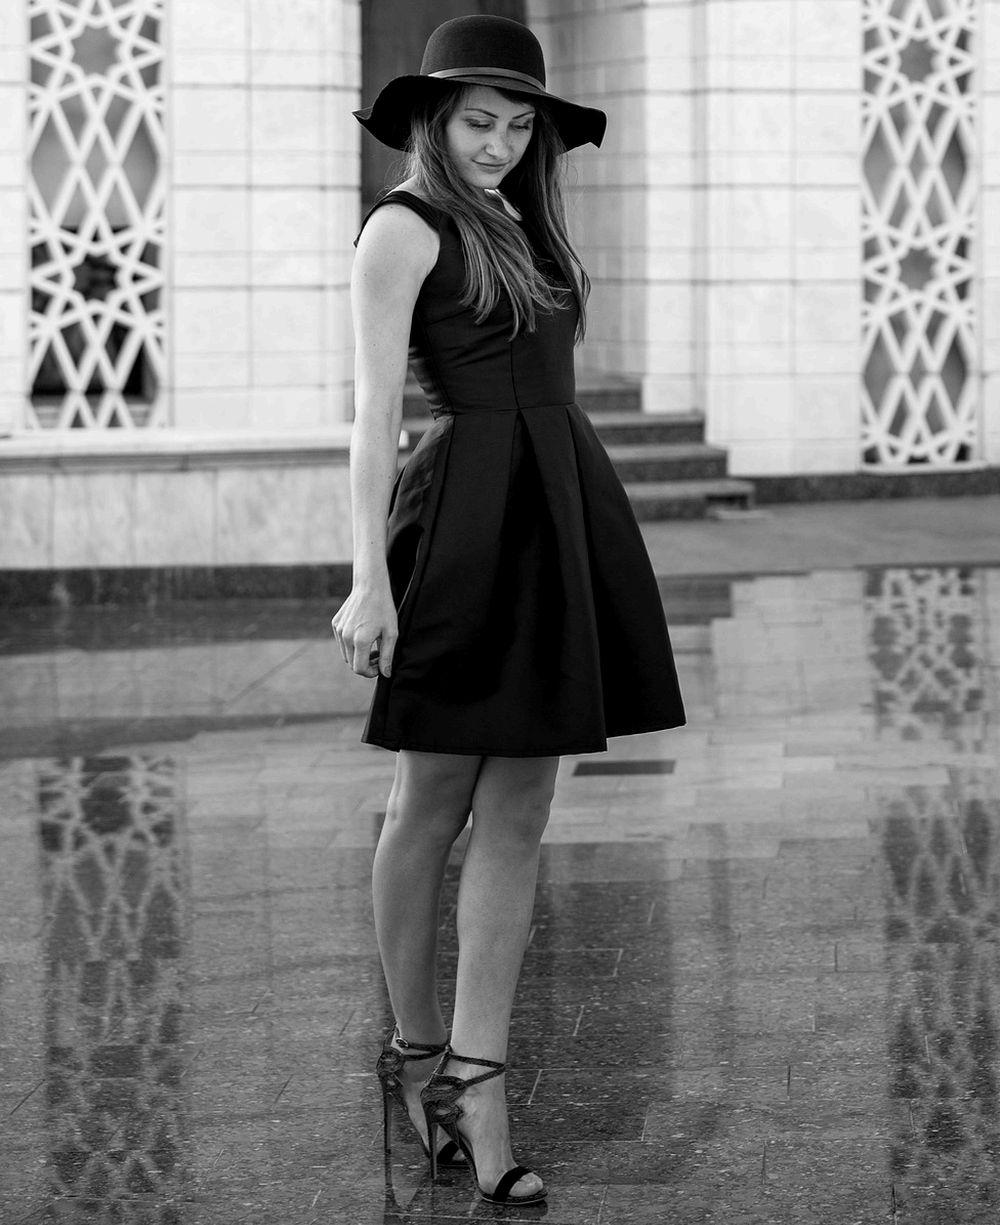 Die Schuhe der Modeblogger, Trendsetter und Stars